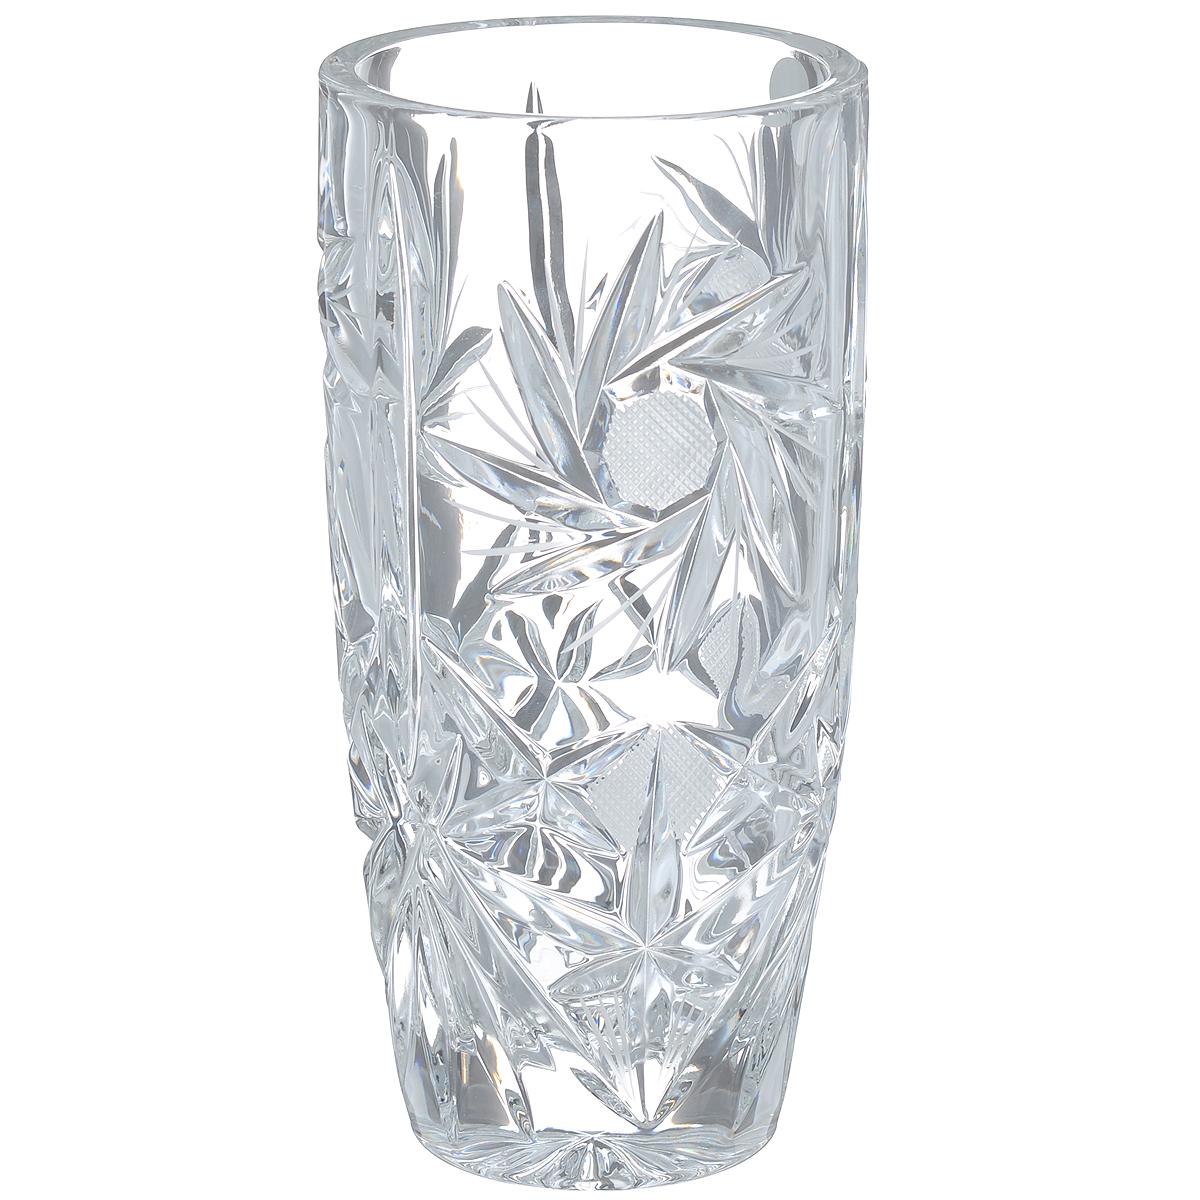 Ваза Crystal Bohemia, высота 20,5 см8KF79/0/99R14/255Изящная ваза Crystal Bohemia изготовлена из хрусталя. Ваза оформленакрасивым рельефным рисунком, что делает ее изящным украшениеминтерьера.Ваза Crystal Bohemia дополнит интерьер офиса или дома и станет желанным истильнымподарком. Высота вазы: 20,5 см.Диаметр вазы (по верхнему краю): 9,5 см.